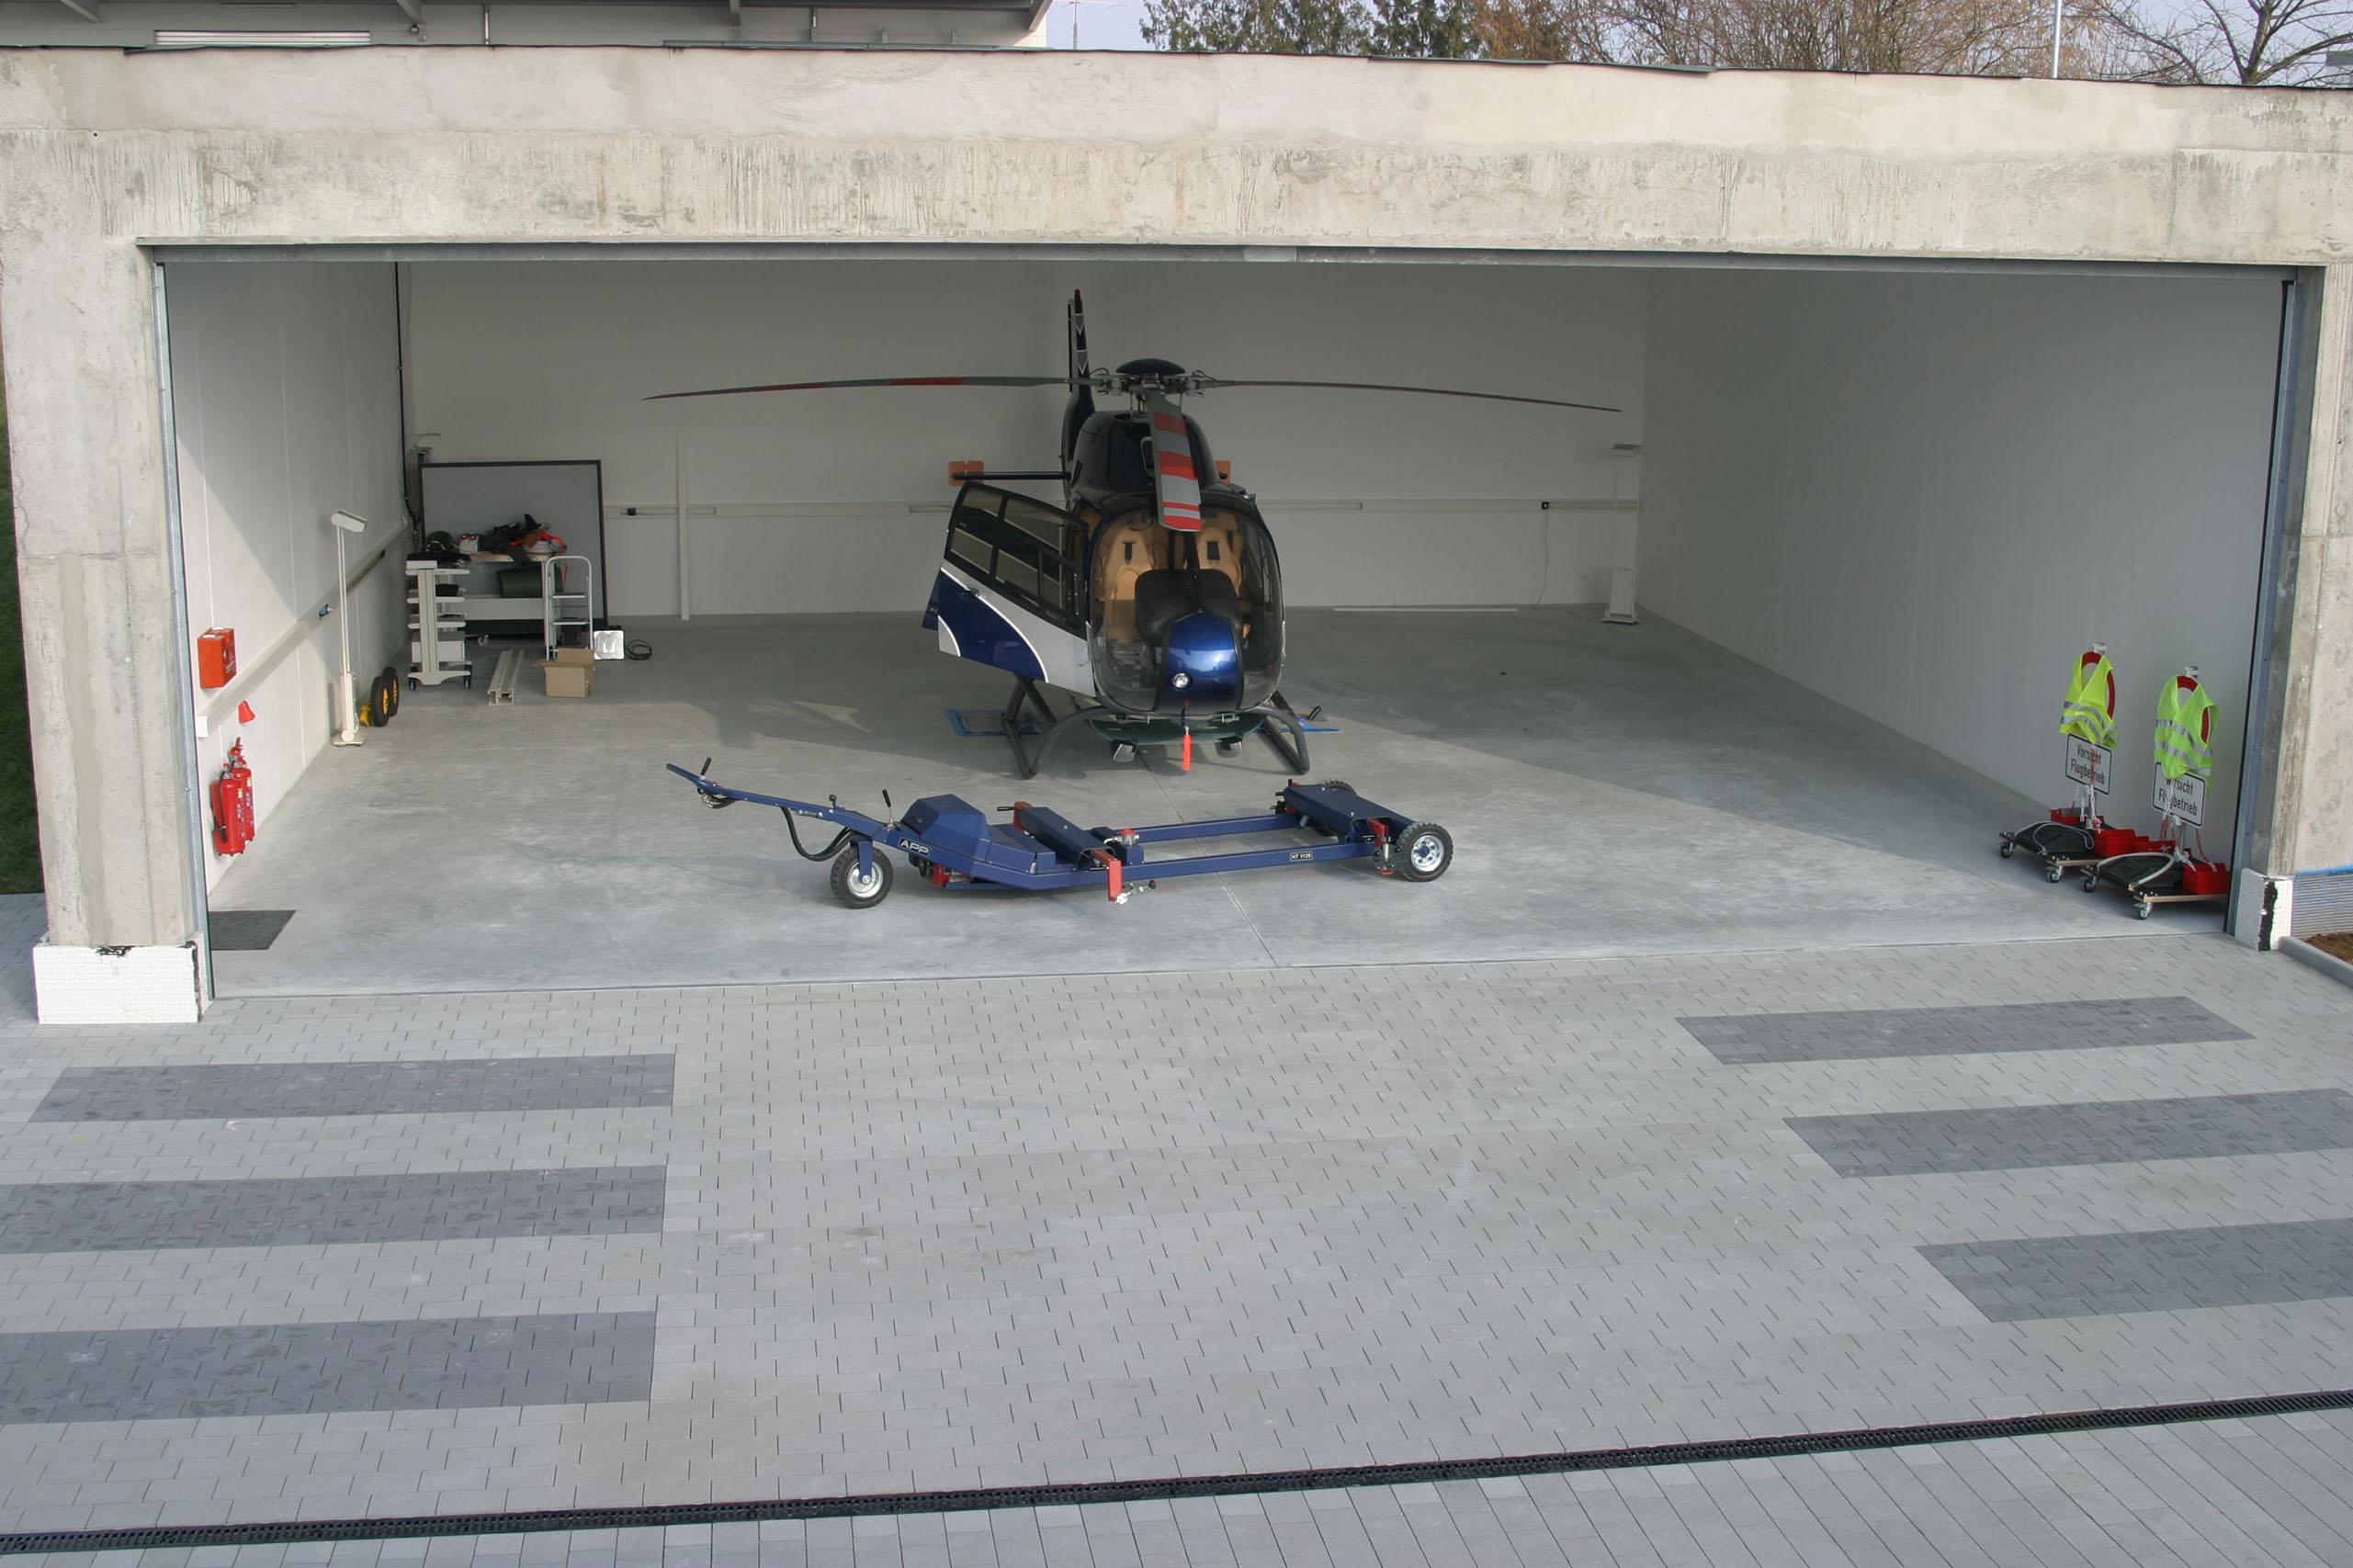 Die Helikopterhalle